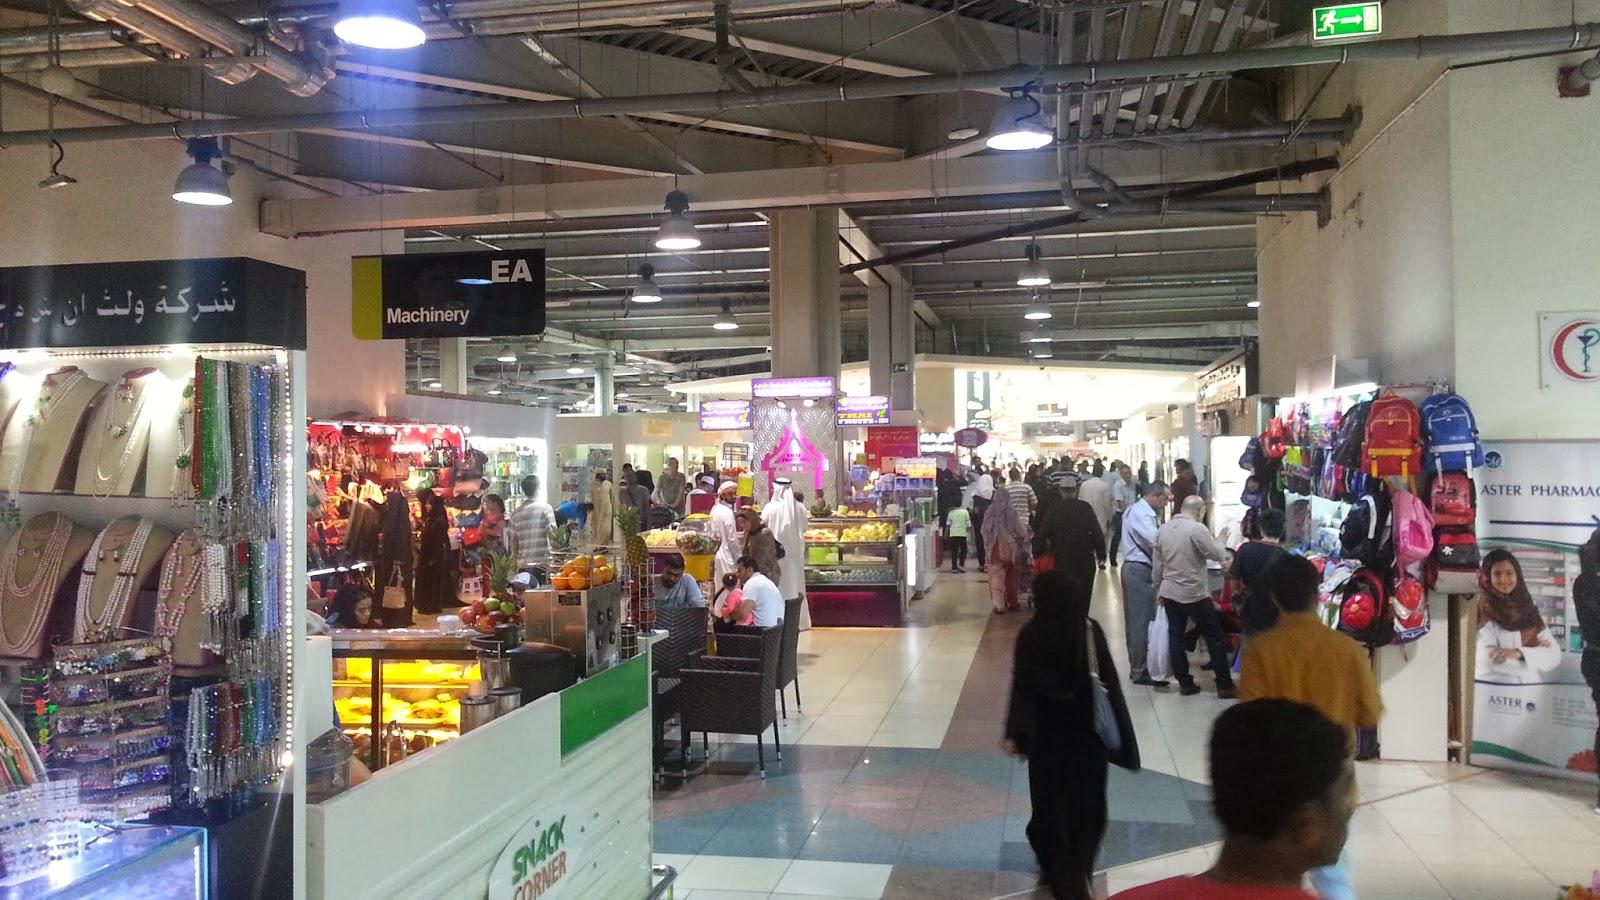 اهم الانشطة التجارية فى السوق الصينى فى دبى | السوق الصينى فى دبى